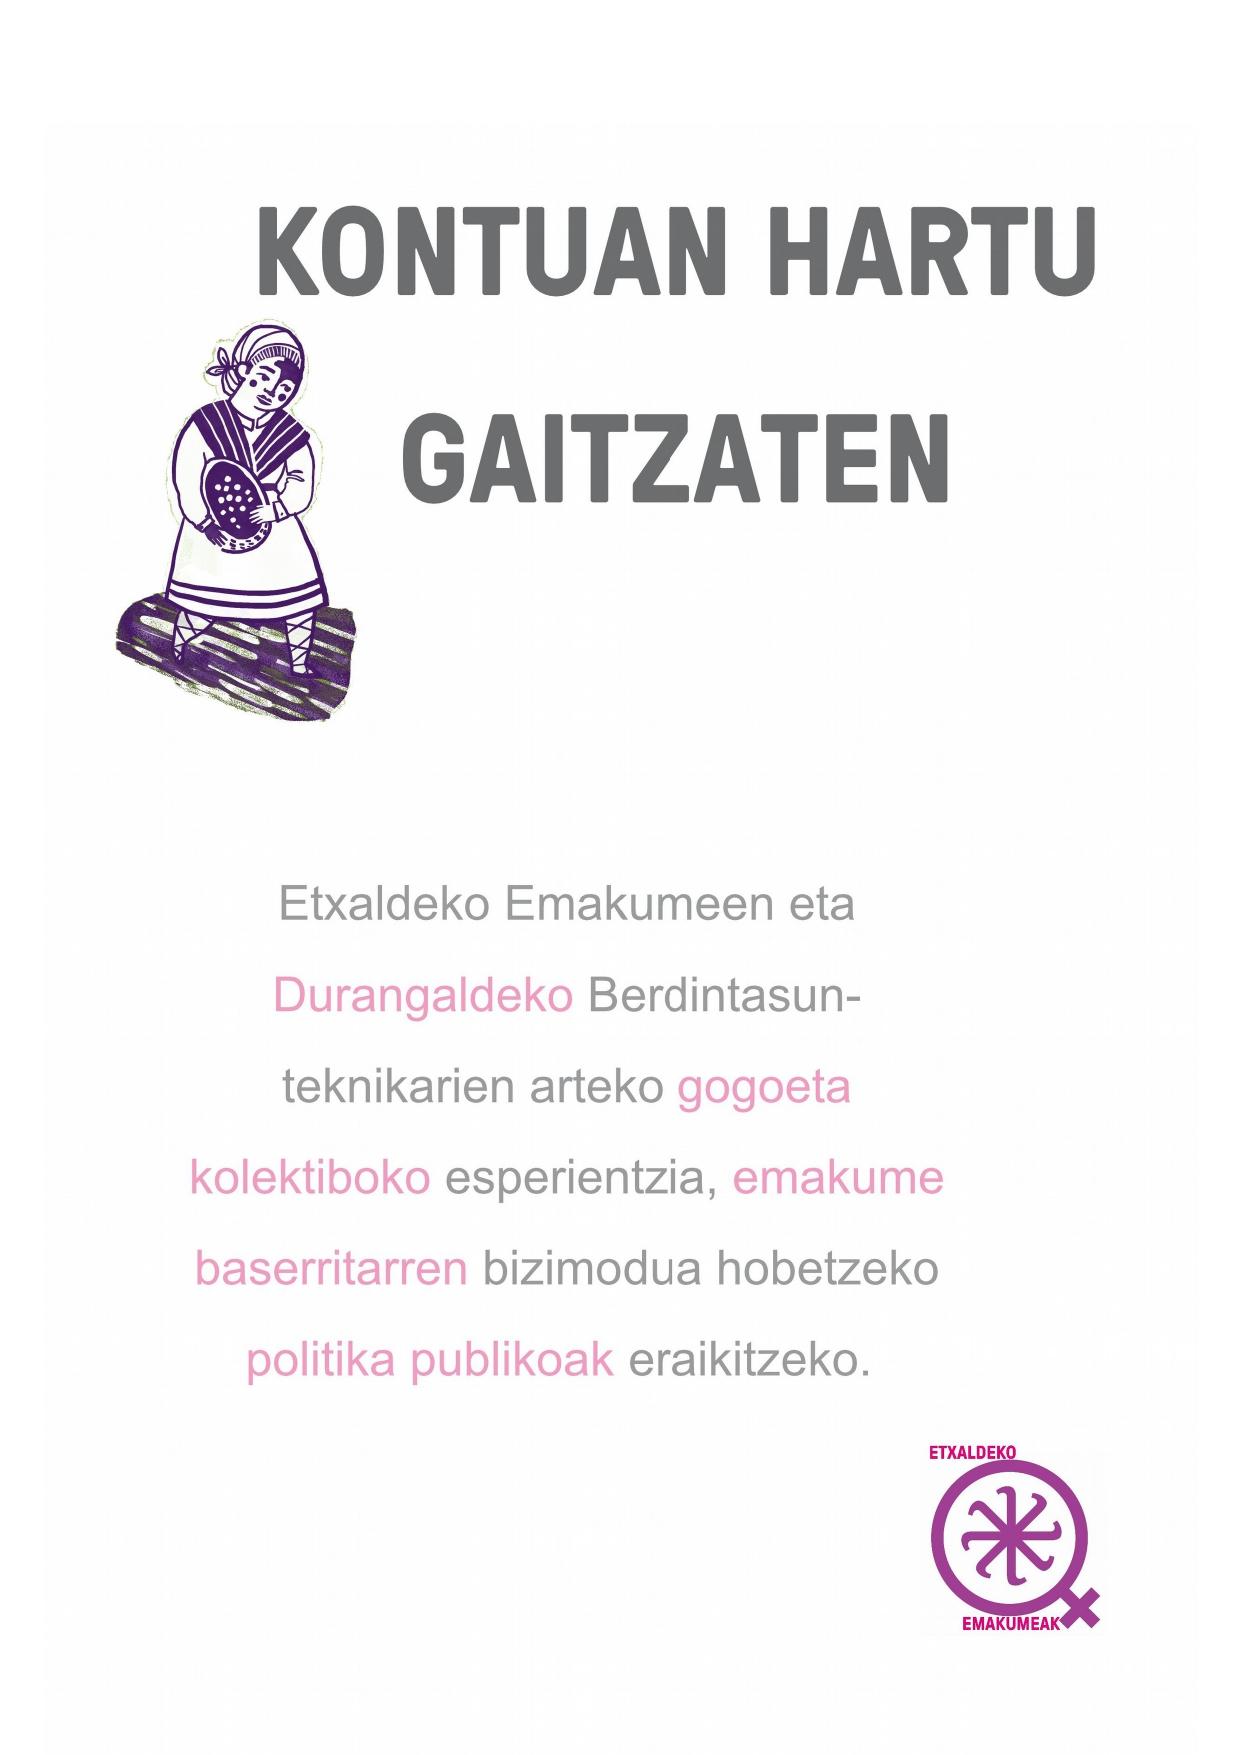 KONTUAN HARTU GAITZATEN-foto